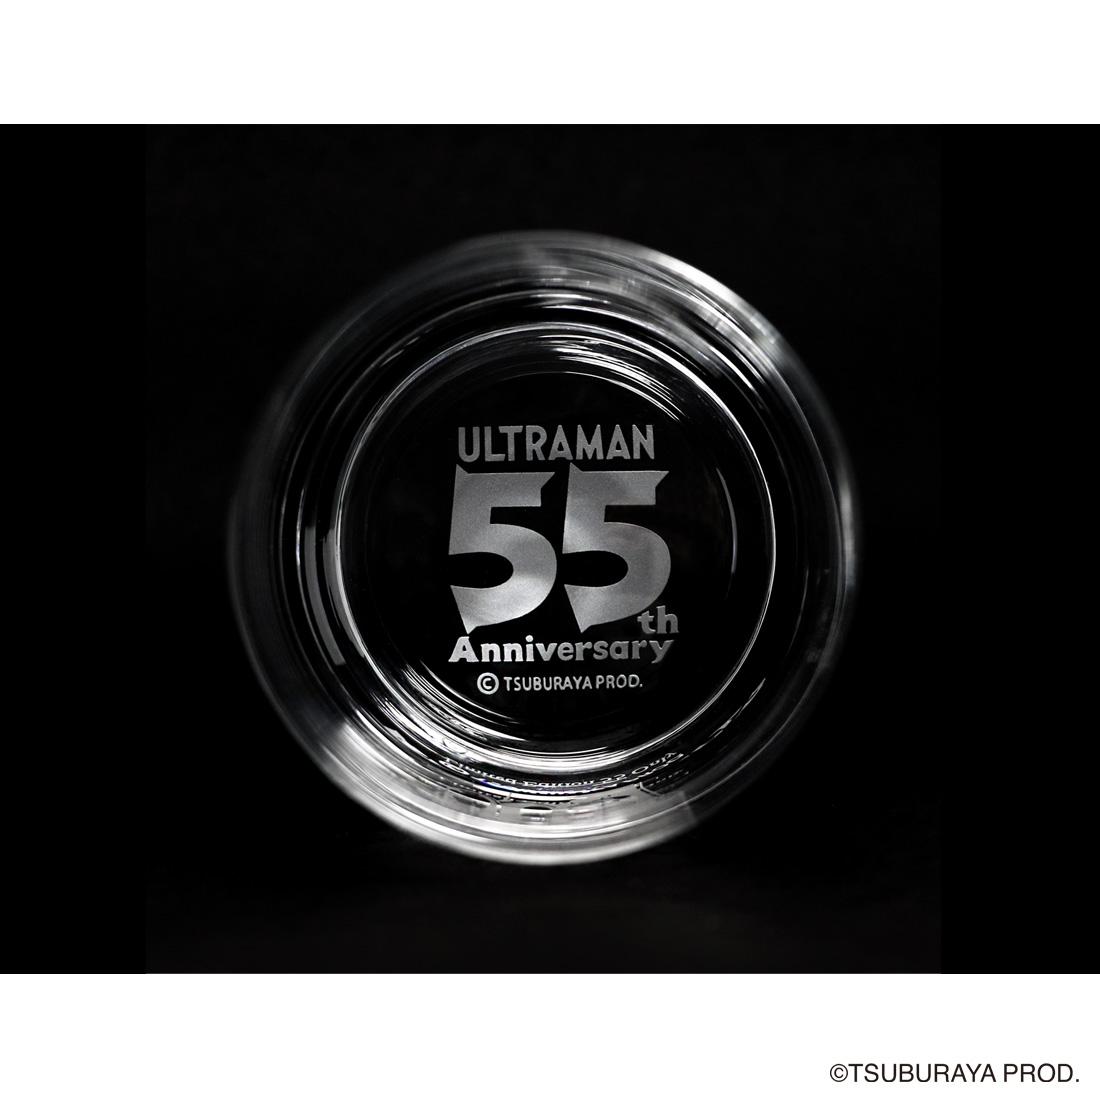 ウルトラマン55th クリスタルロックグラス